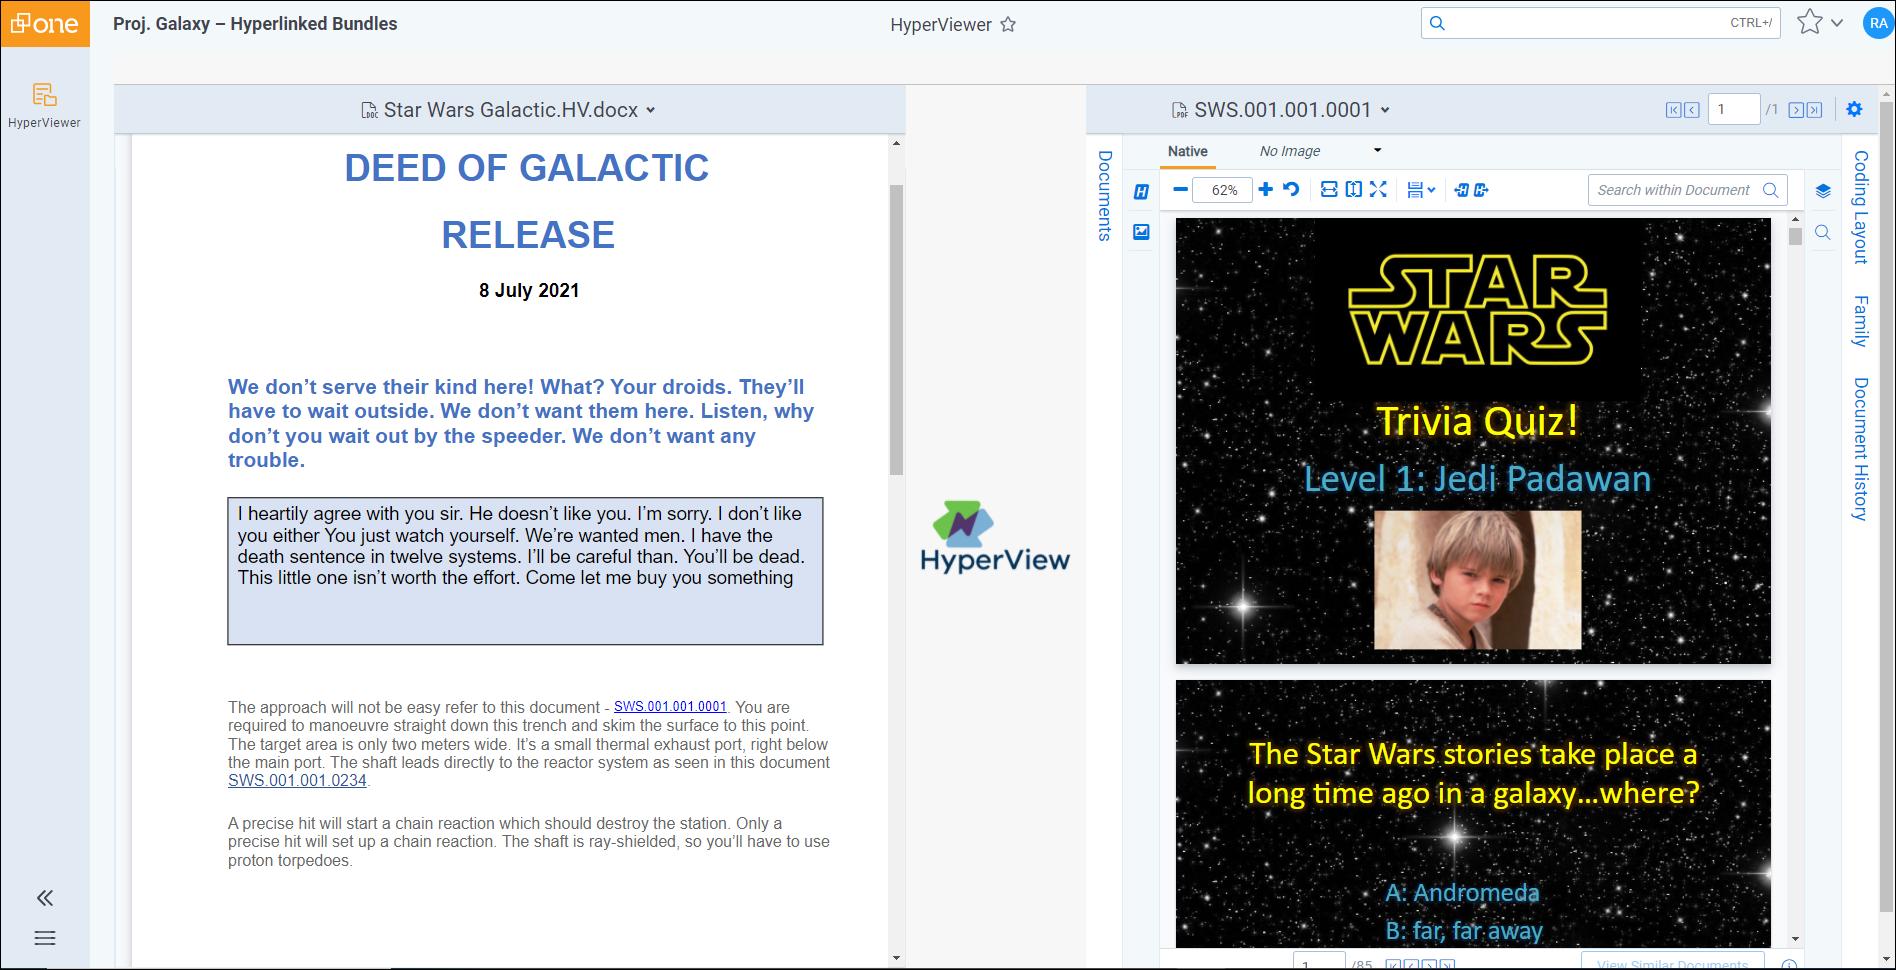 HyperView by Gilbert + Tobin Screenshot